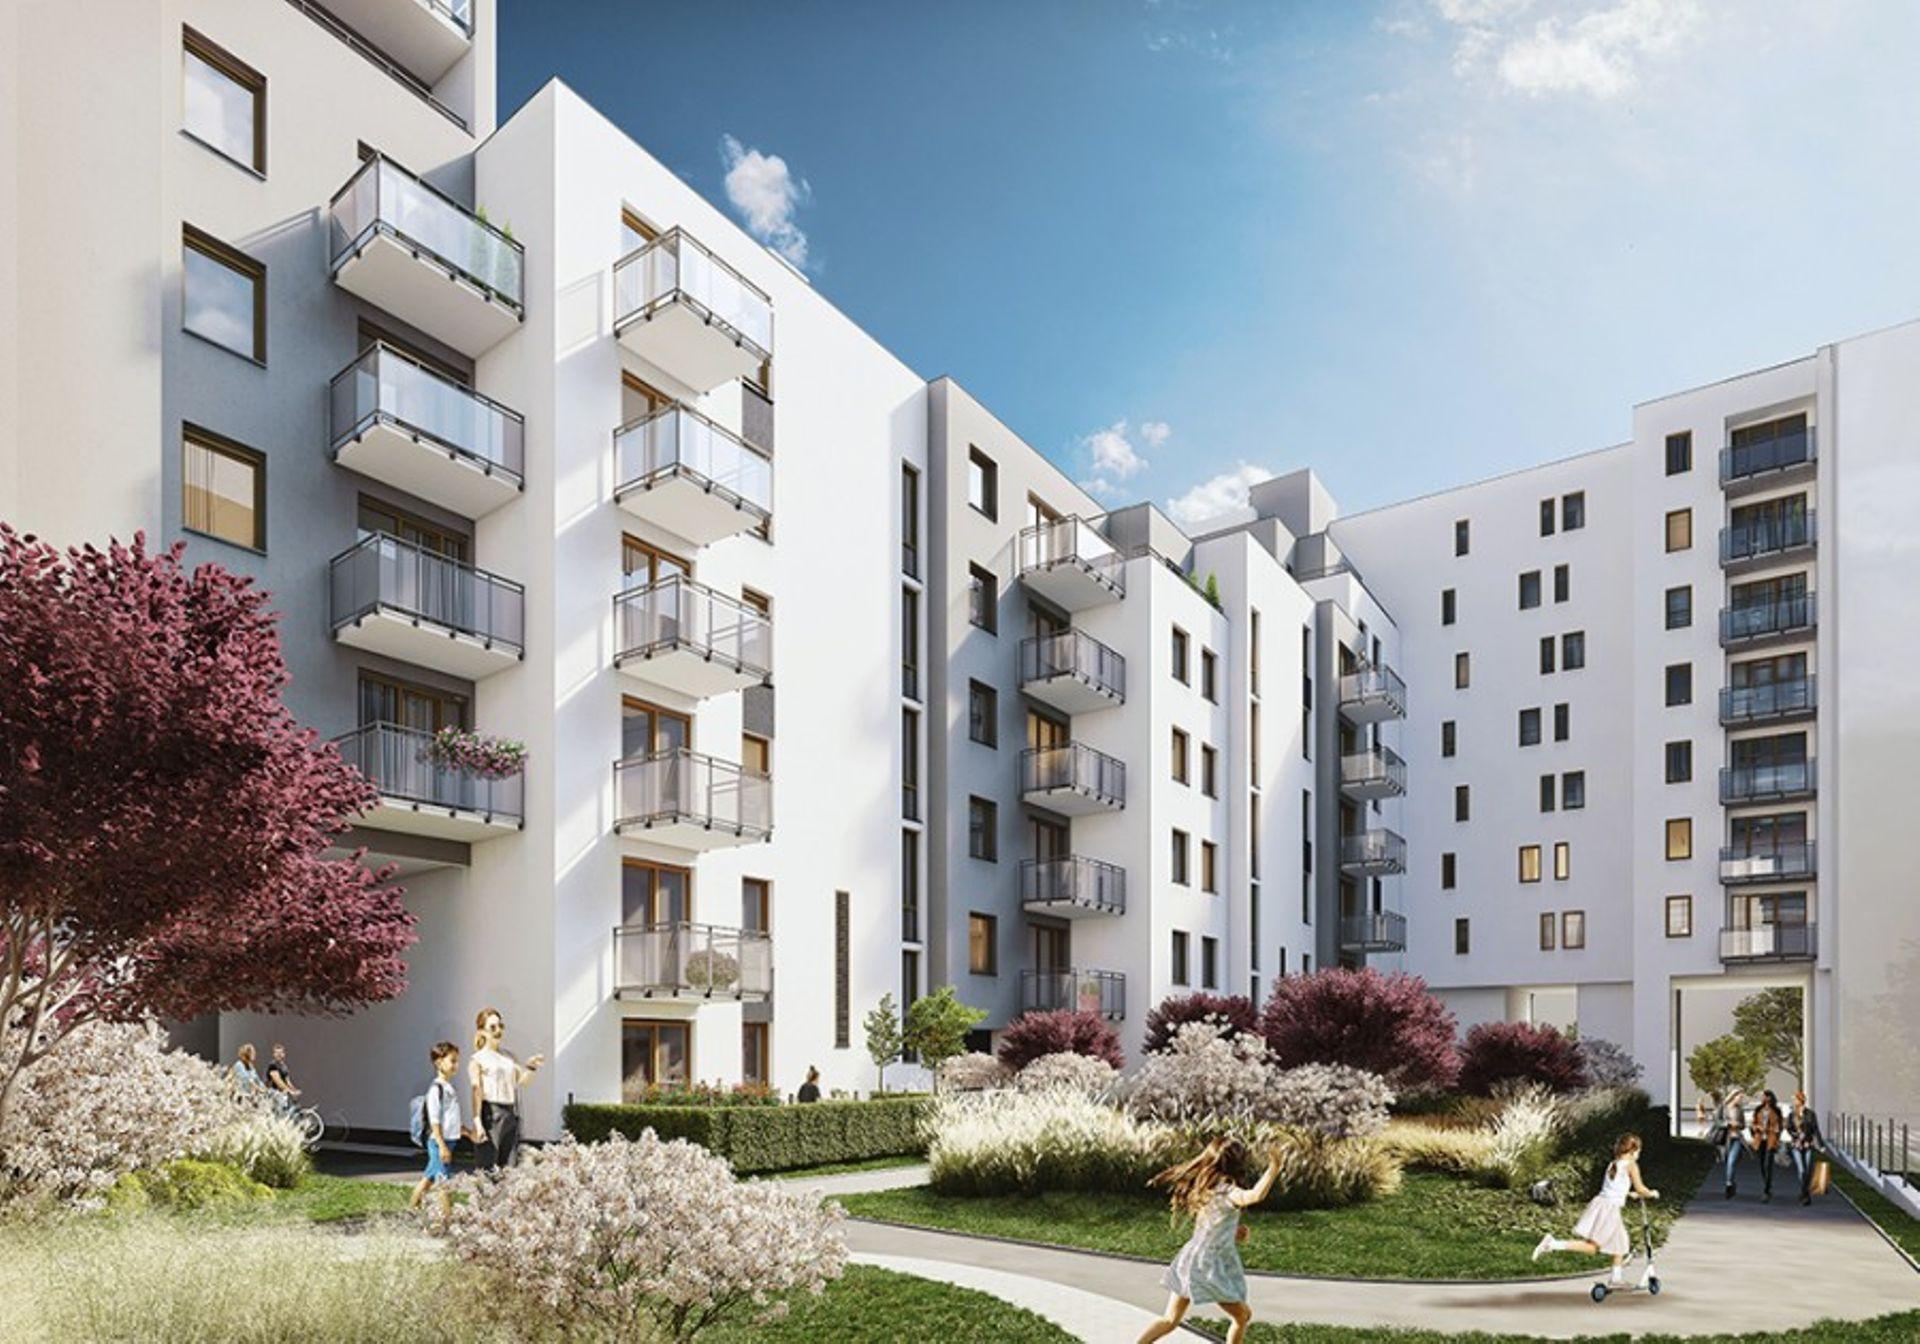 Warszawa: Moja Północna – 800 nowych mieszkań na Tarchominie od Eco-Classic. Budowa ruszyła